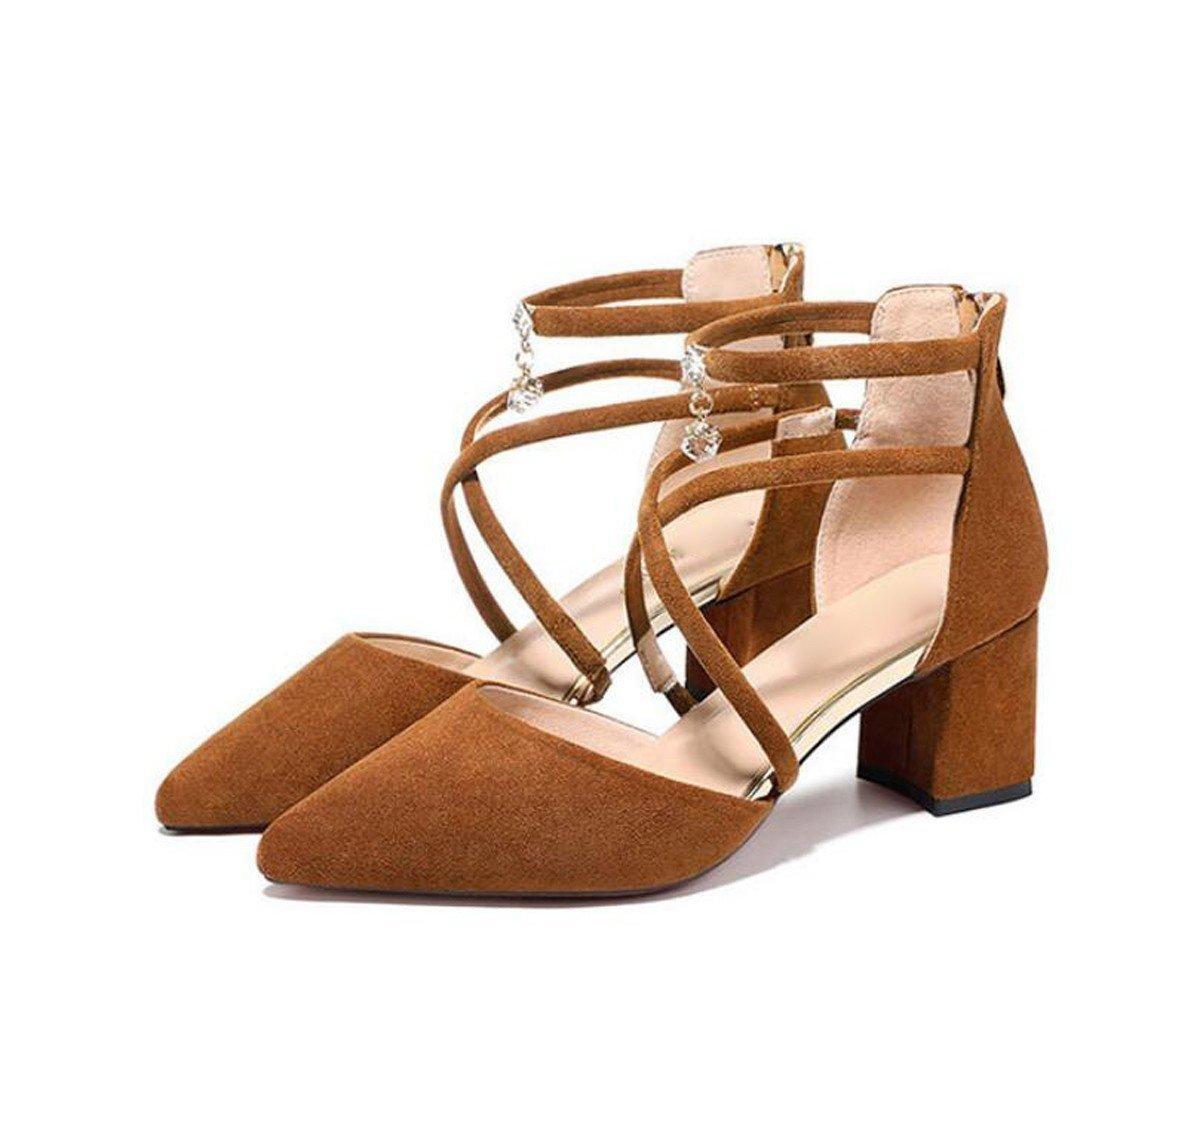 GTVERNH Damenschuhe Diamond 6 cm Hochhackigen Schuhe Baotou Sandalen Rau und Wild Überschreiten.